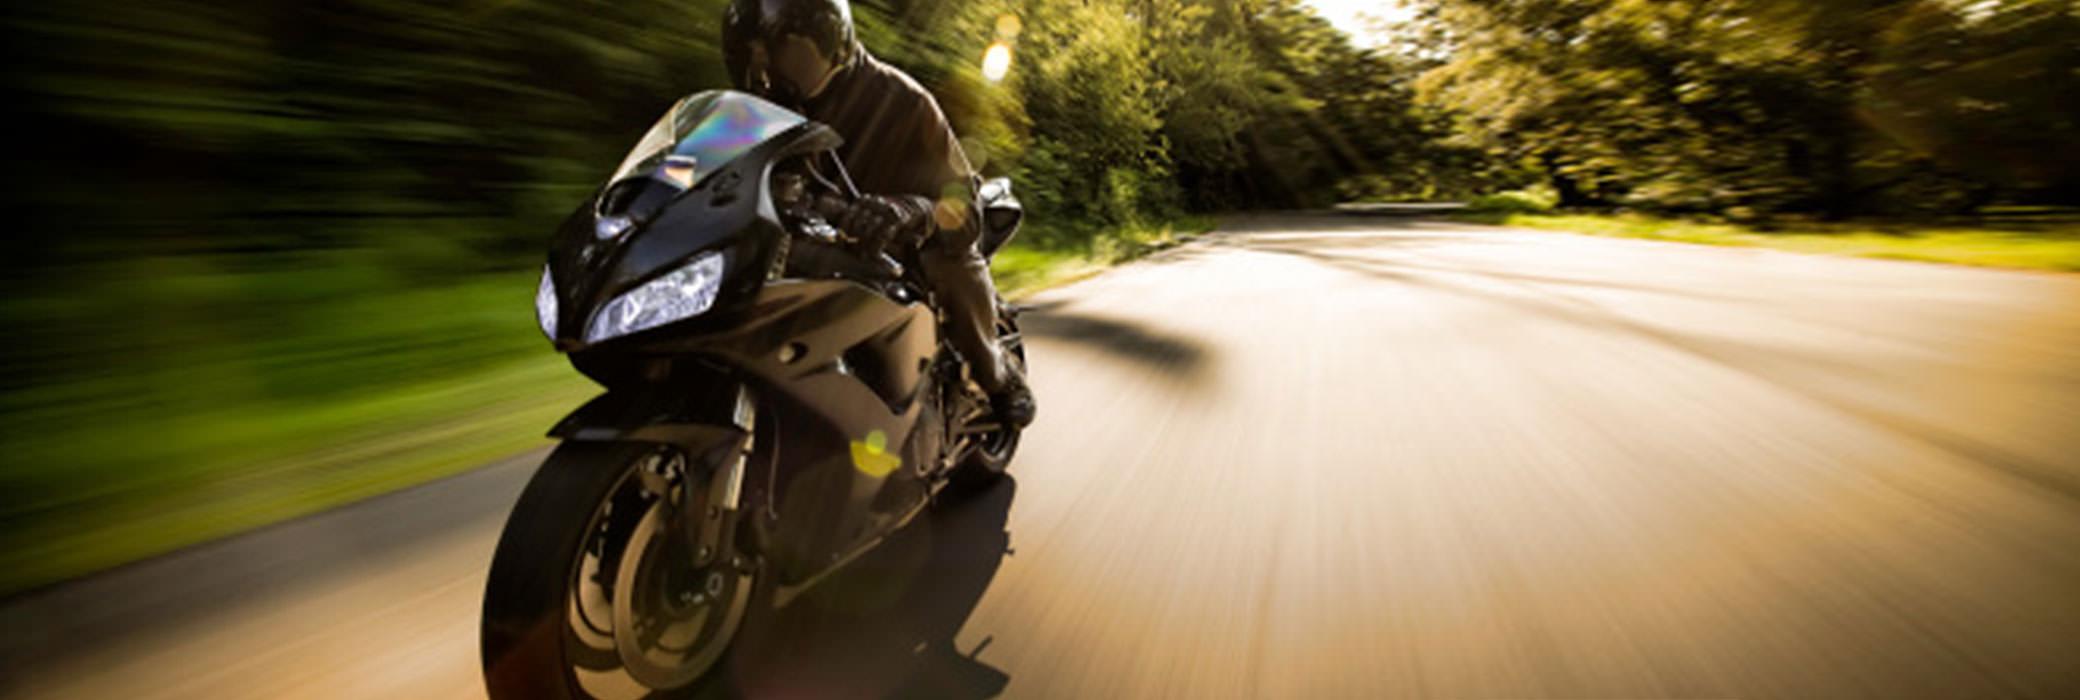 Парень в черном, на черном мотоцикле на загородной дороге с деревьями по обочине